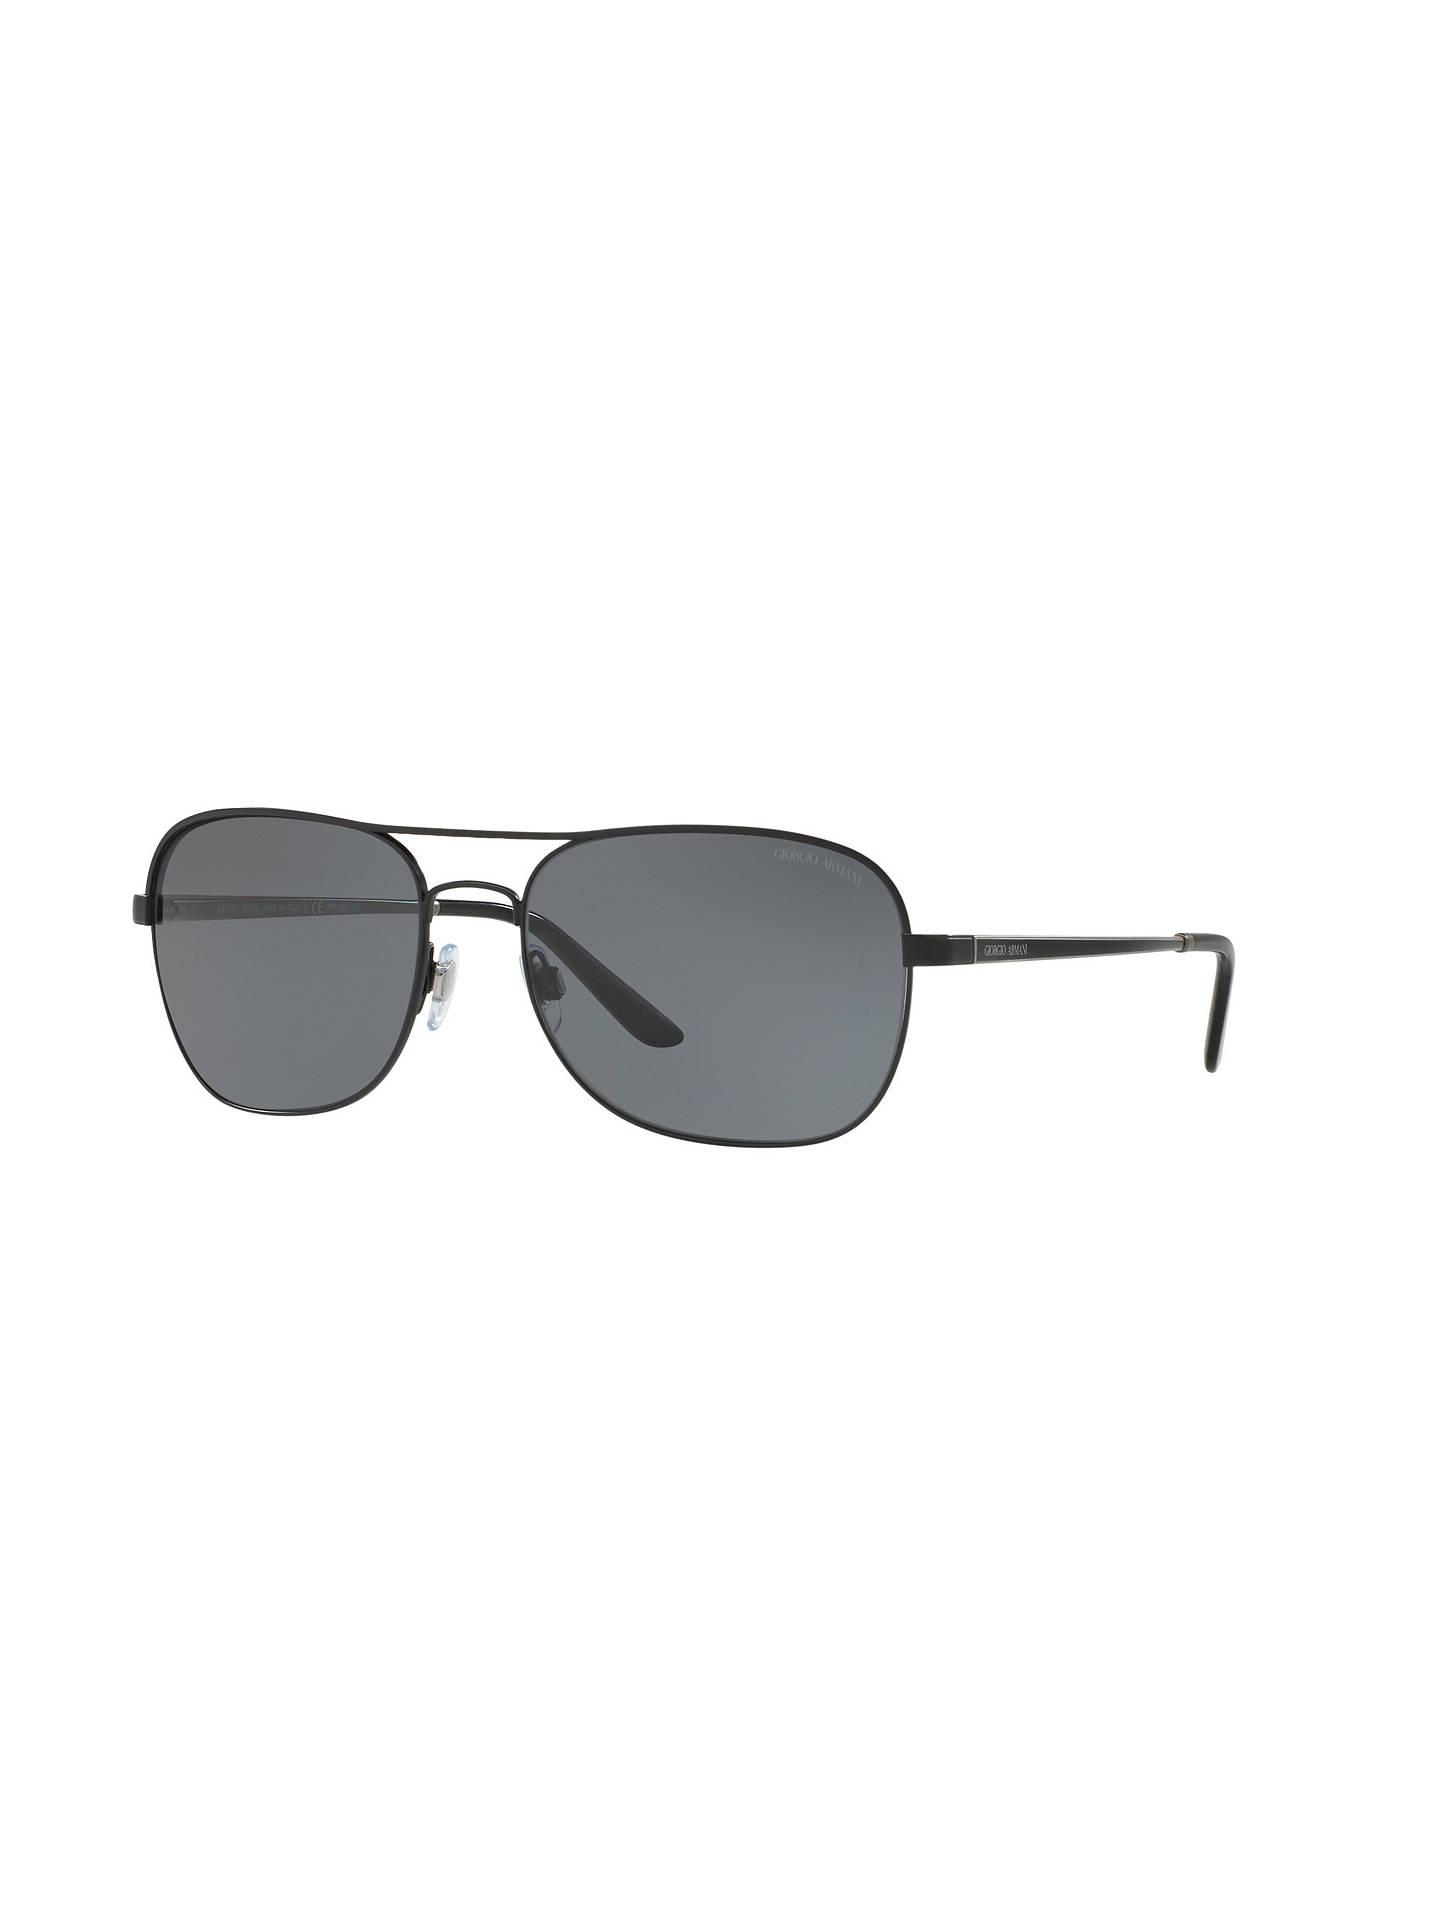 d0688c541bc Buy Giorgio Armani AR6040 Polarised Square Sunglasses